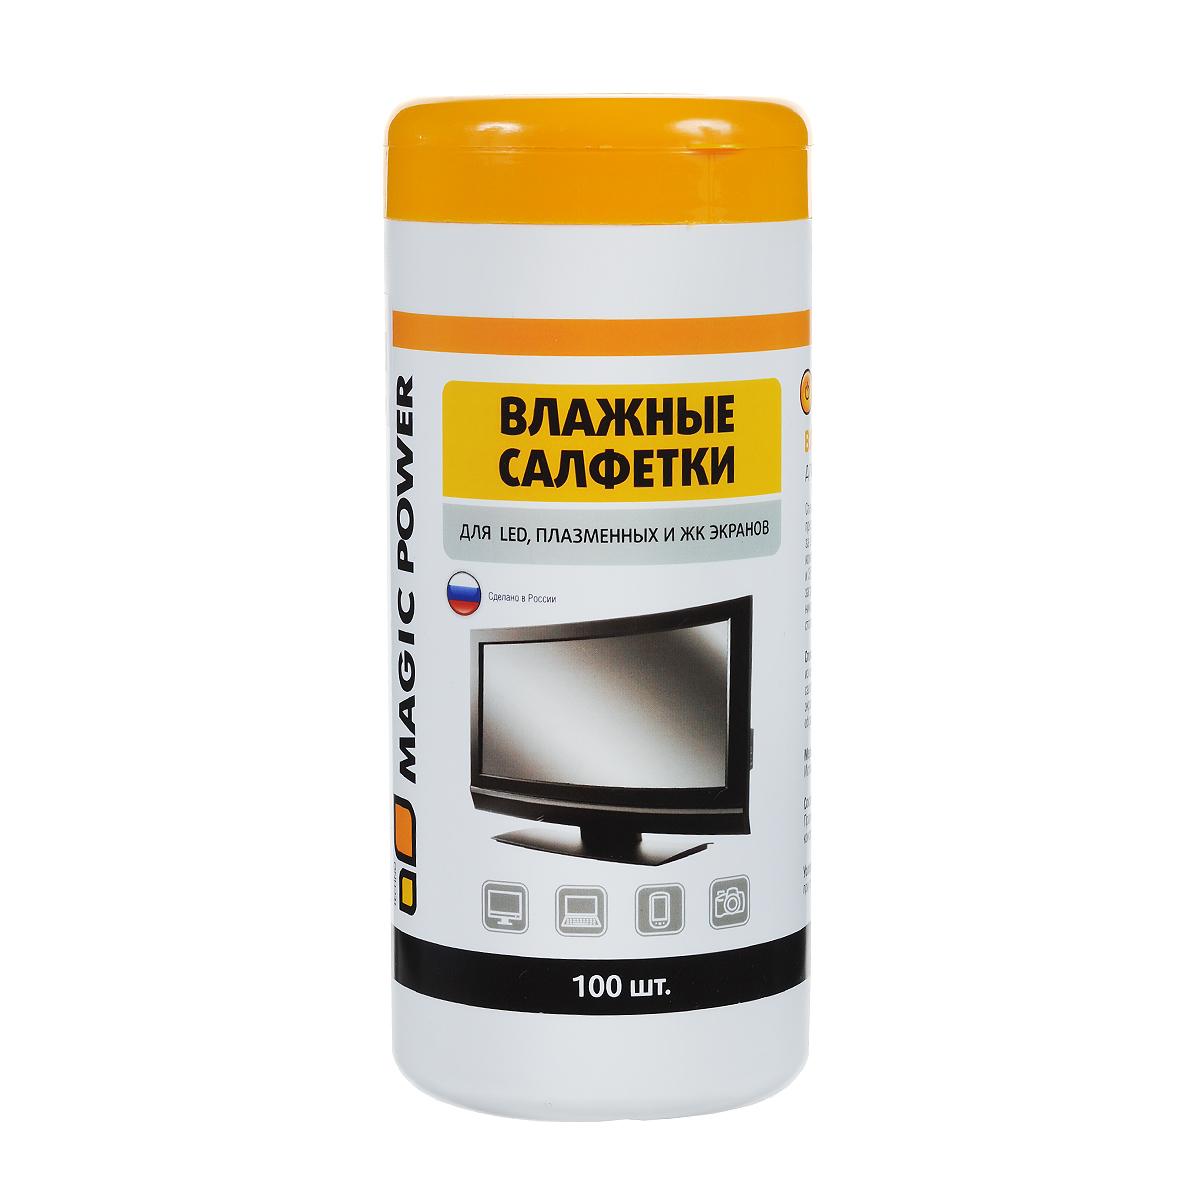 """Специальные чистящие салфетки """"Magic Power Techno"""" предназначены для качественной очистки и ежедневного ухода за LED, плазменными и ЖК экранами, плазменными панелями, мониторами компьютеров, ноутбуков, а также за экранами проекционных и ЭЛТ-телевизоров. Быстро и эффективно удаляют различные загрязнения: пыль, жирные разводы, следы от пальцев, никотиновую пленку. Не повреждают поверхность. Снимают статическое электричество. Экономичны в использовании."""